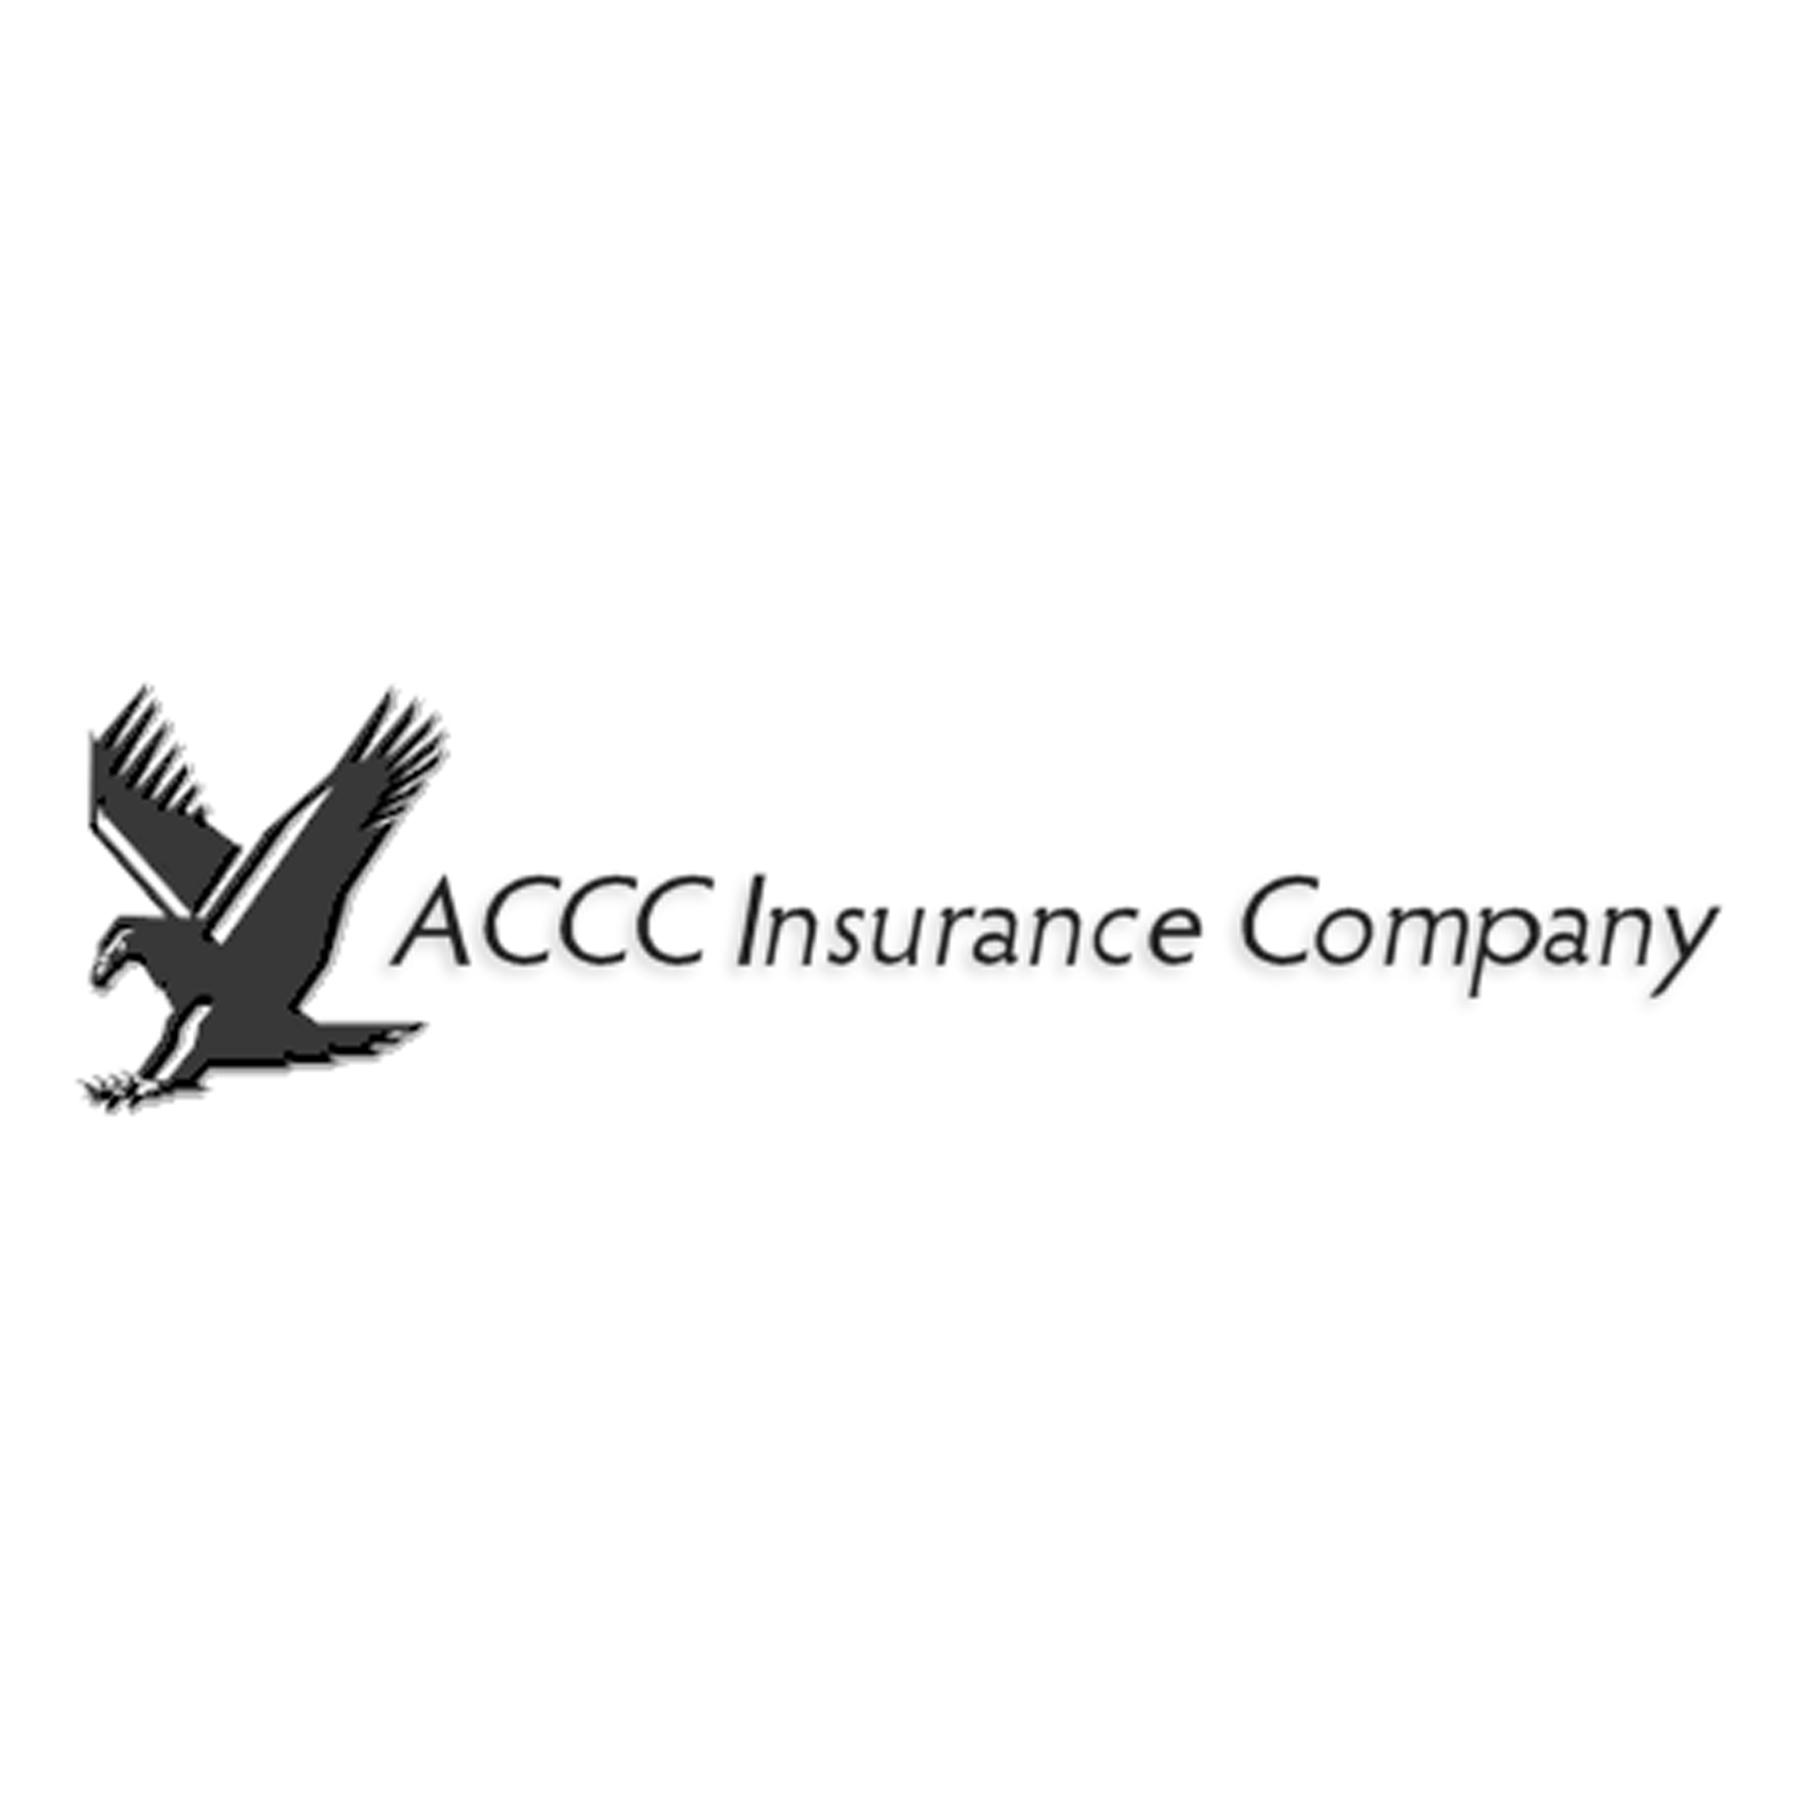 ACCC.jpg